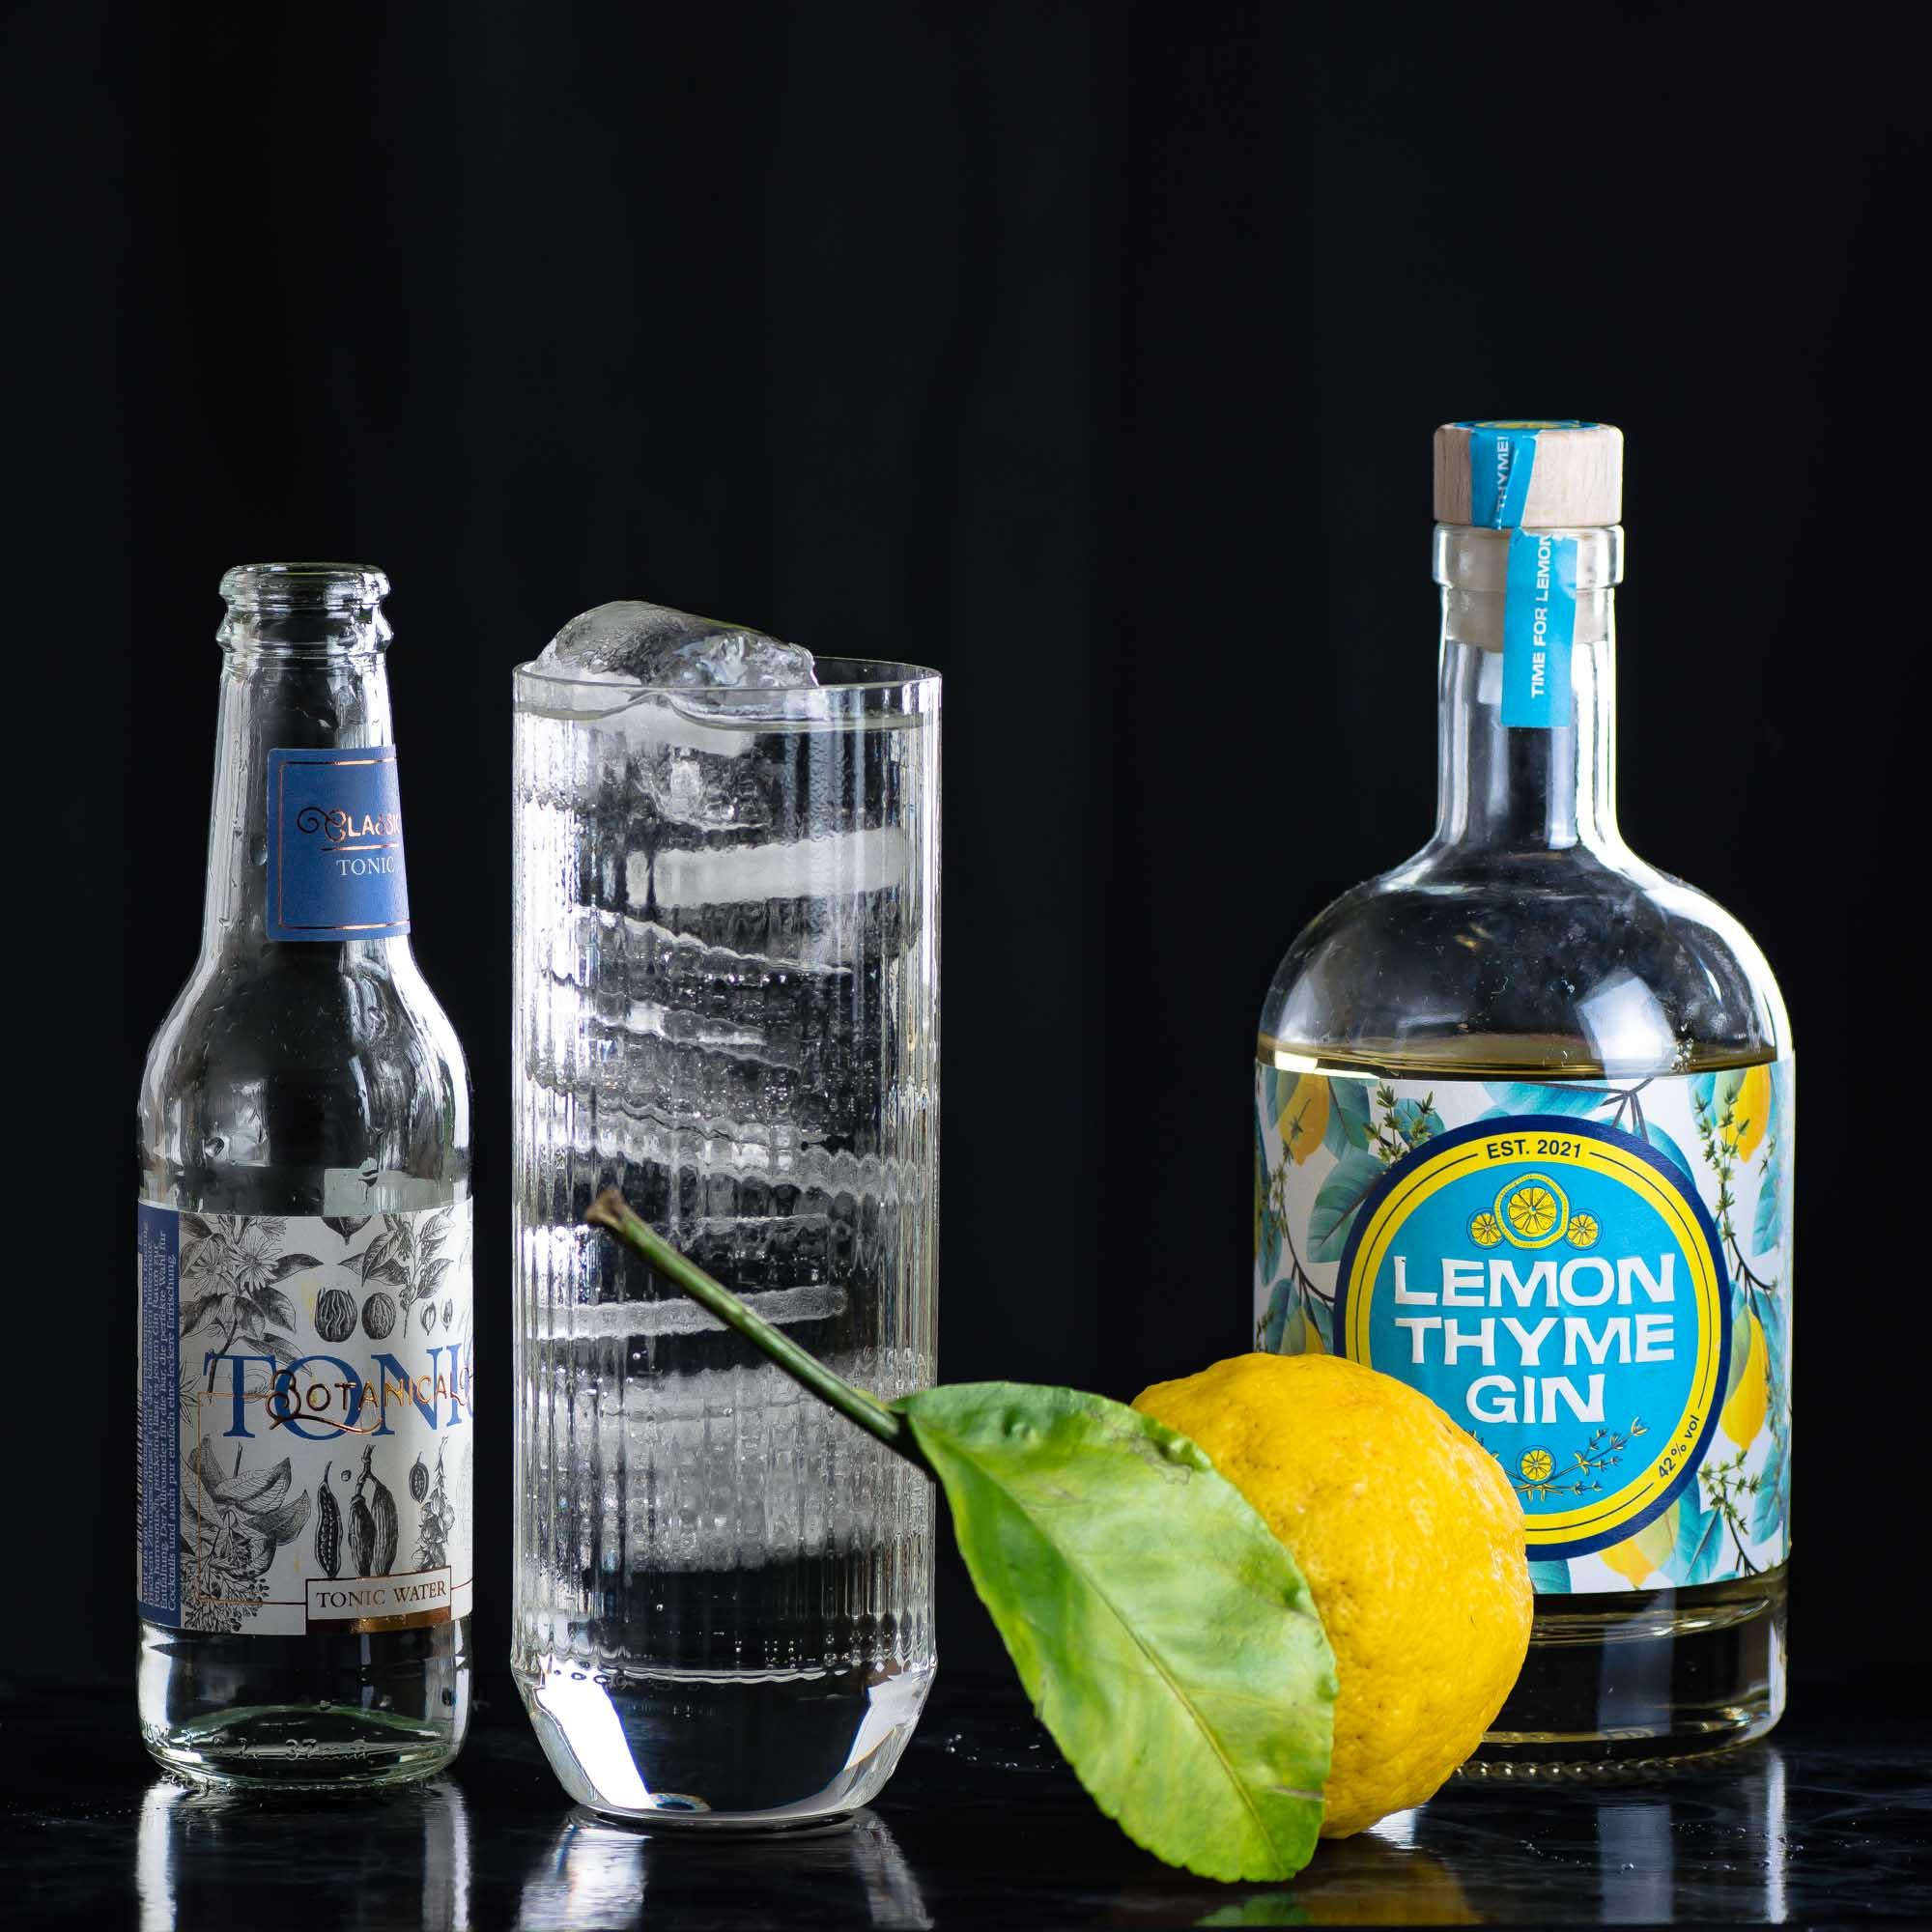 Wajos Lemon Thyme im Gin & Tonic mit dem Wajos Botanical Tonic Water.